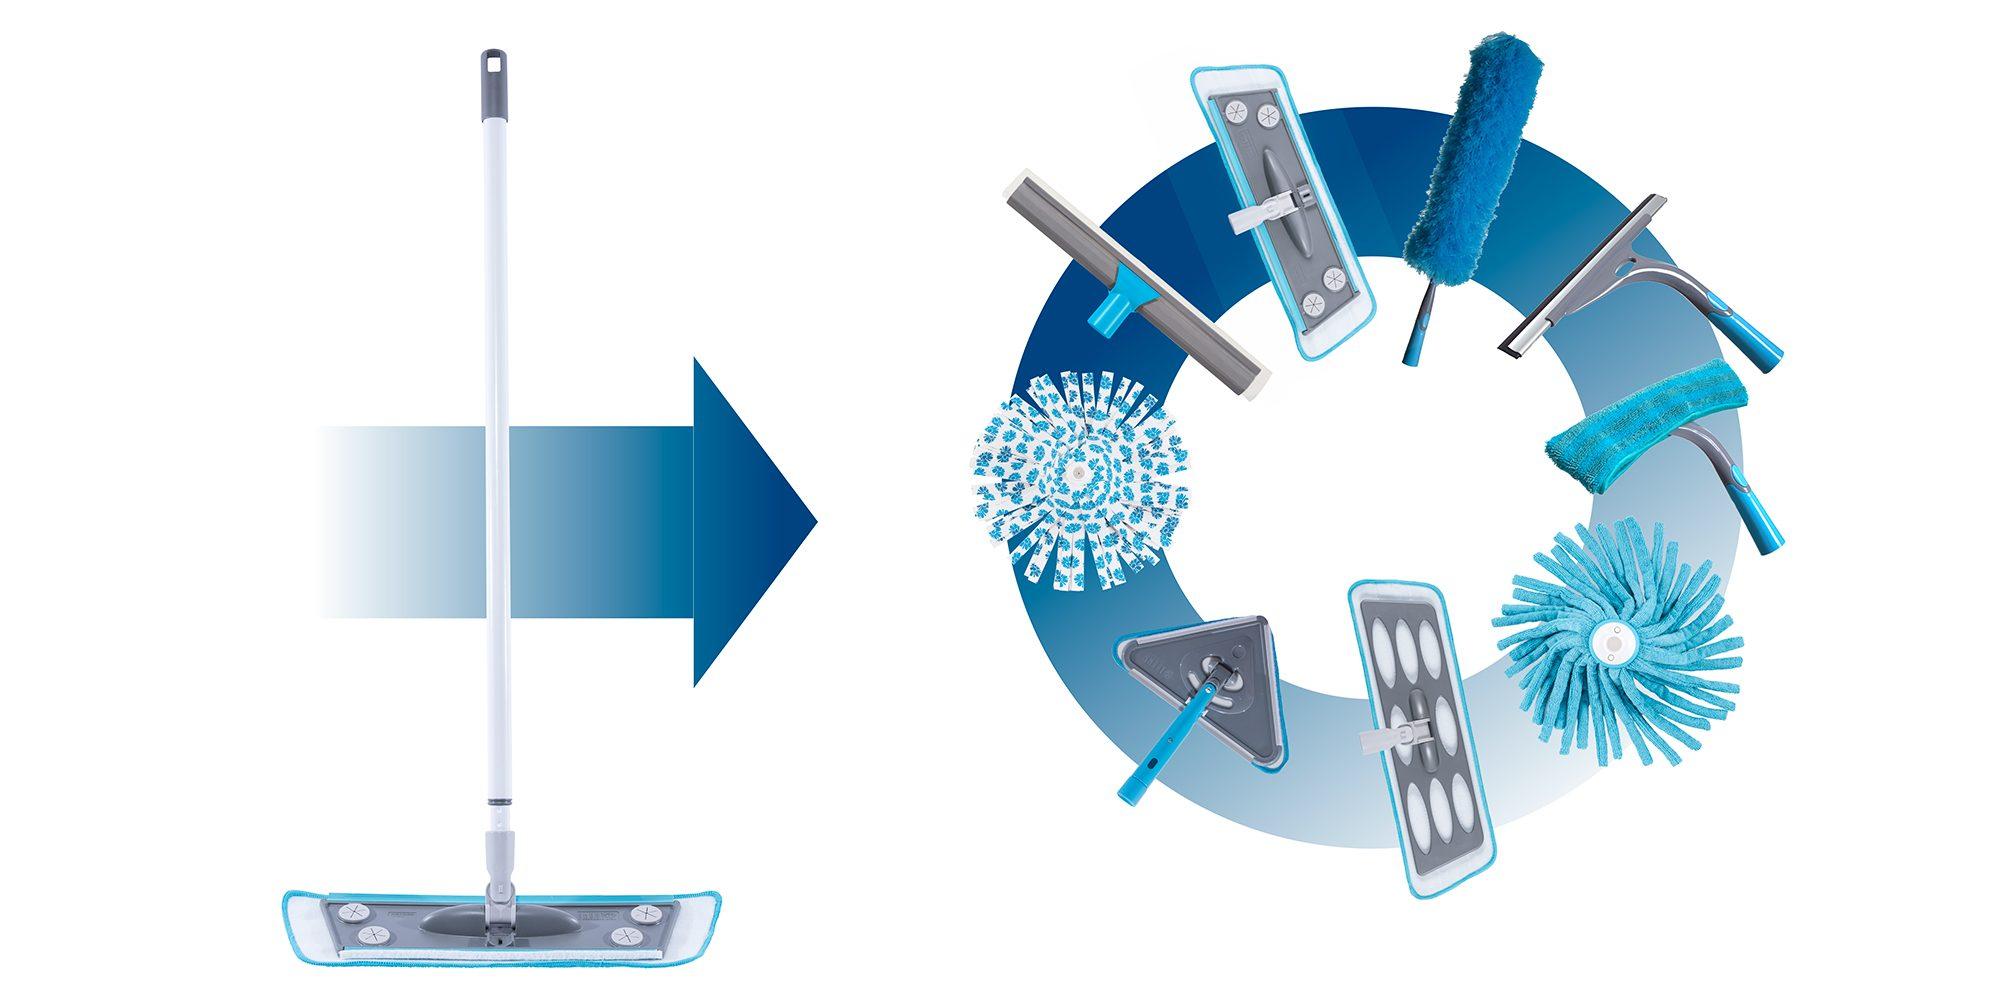 Telescopic pole – Smart Microfiber